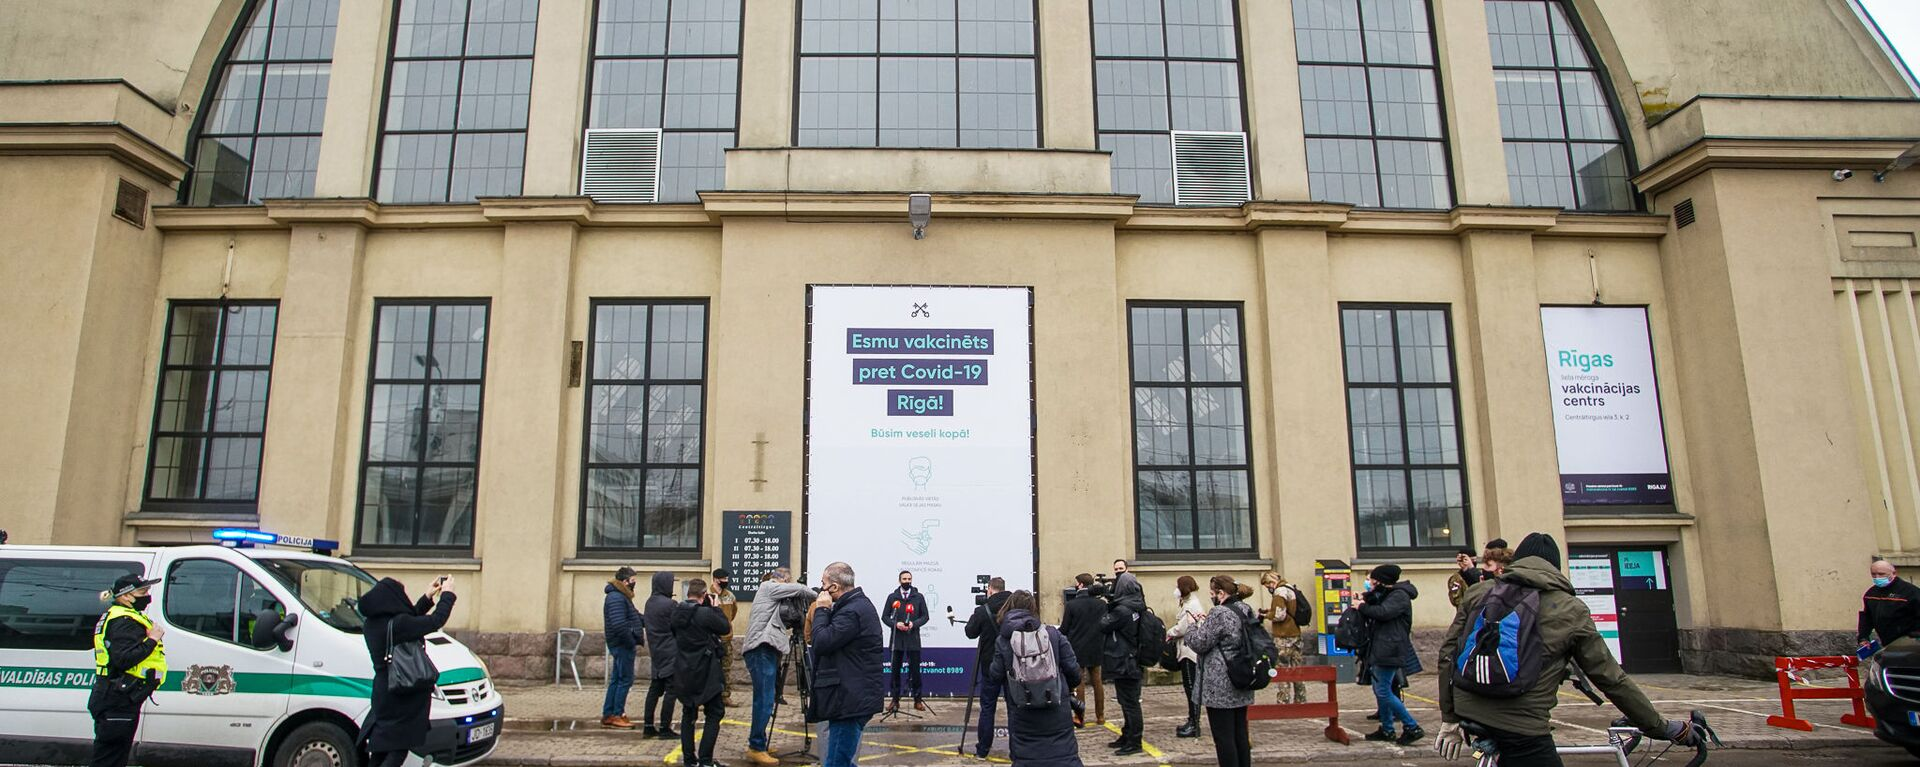 Центр вакцинации открылся в Гастрономическом павильоне Центрального рынка в Риге - Sputnik Латвия, 1920, 01.04.2021